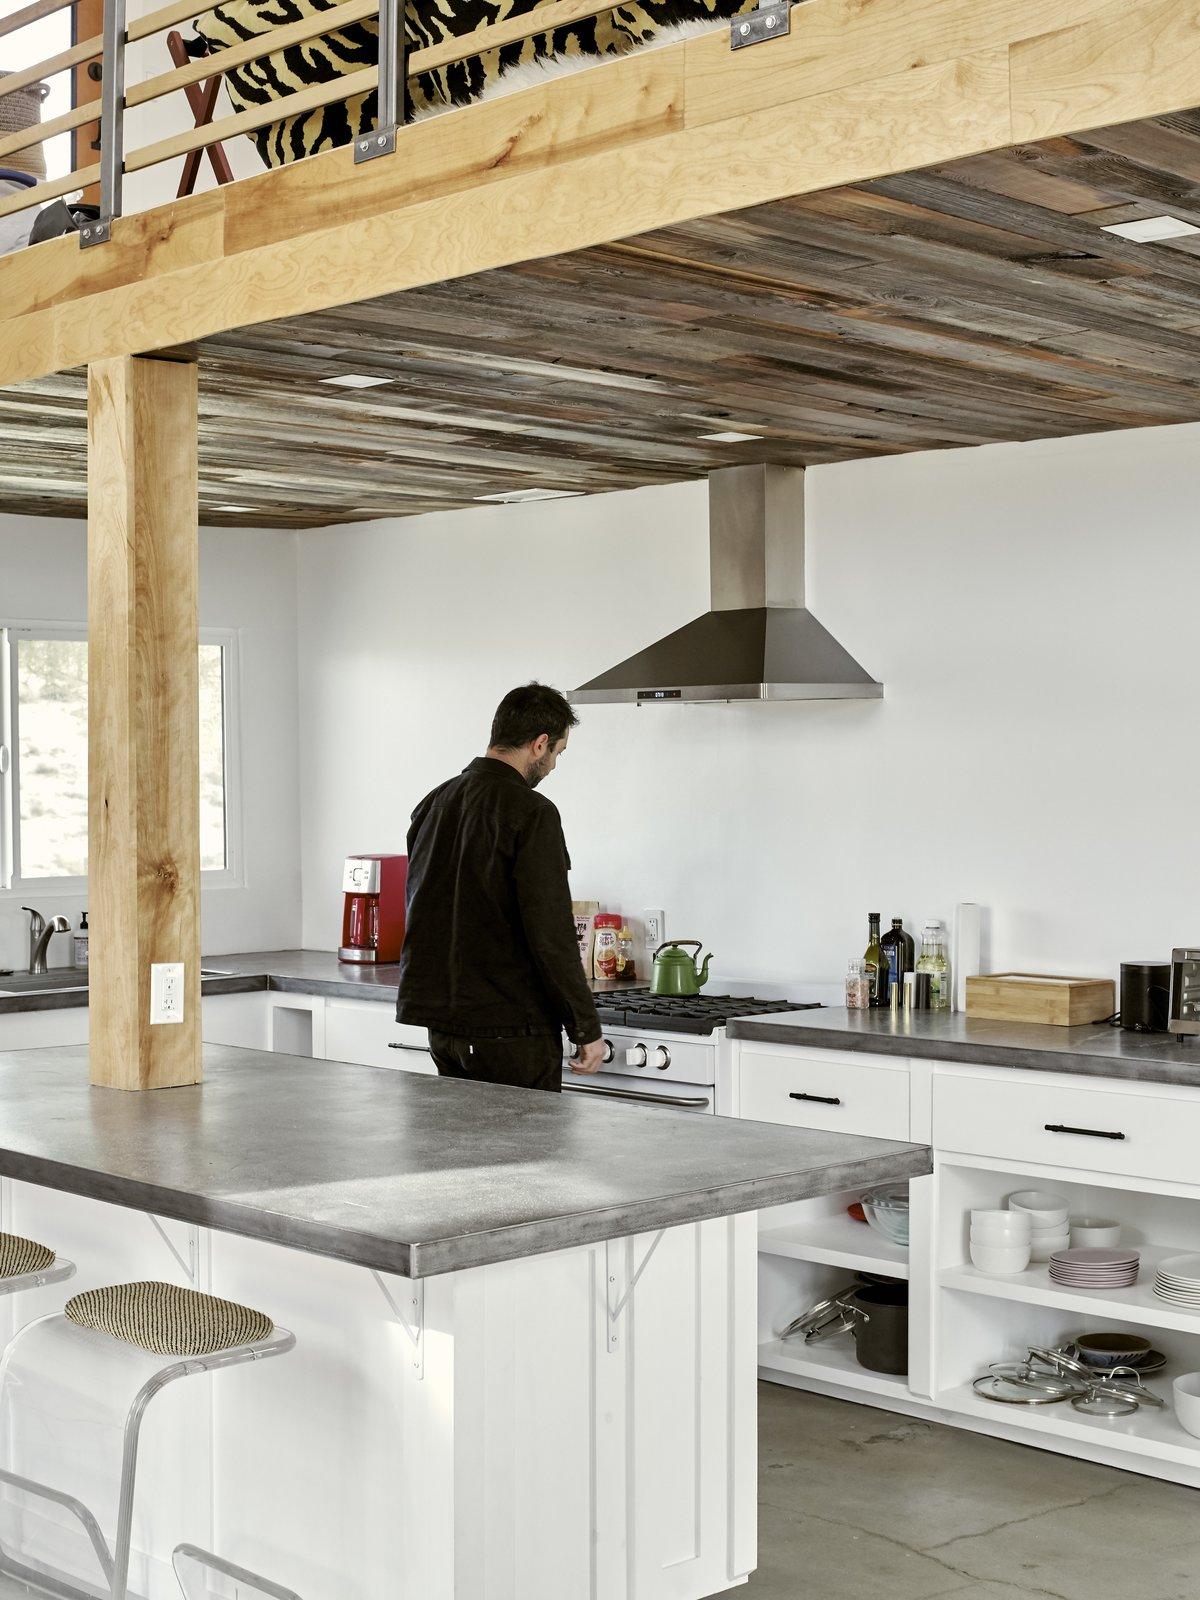 wall-mounted kitchen range hood